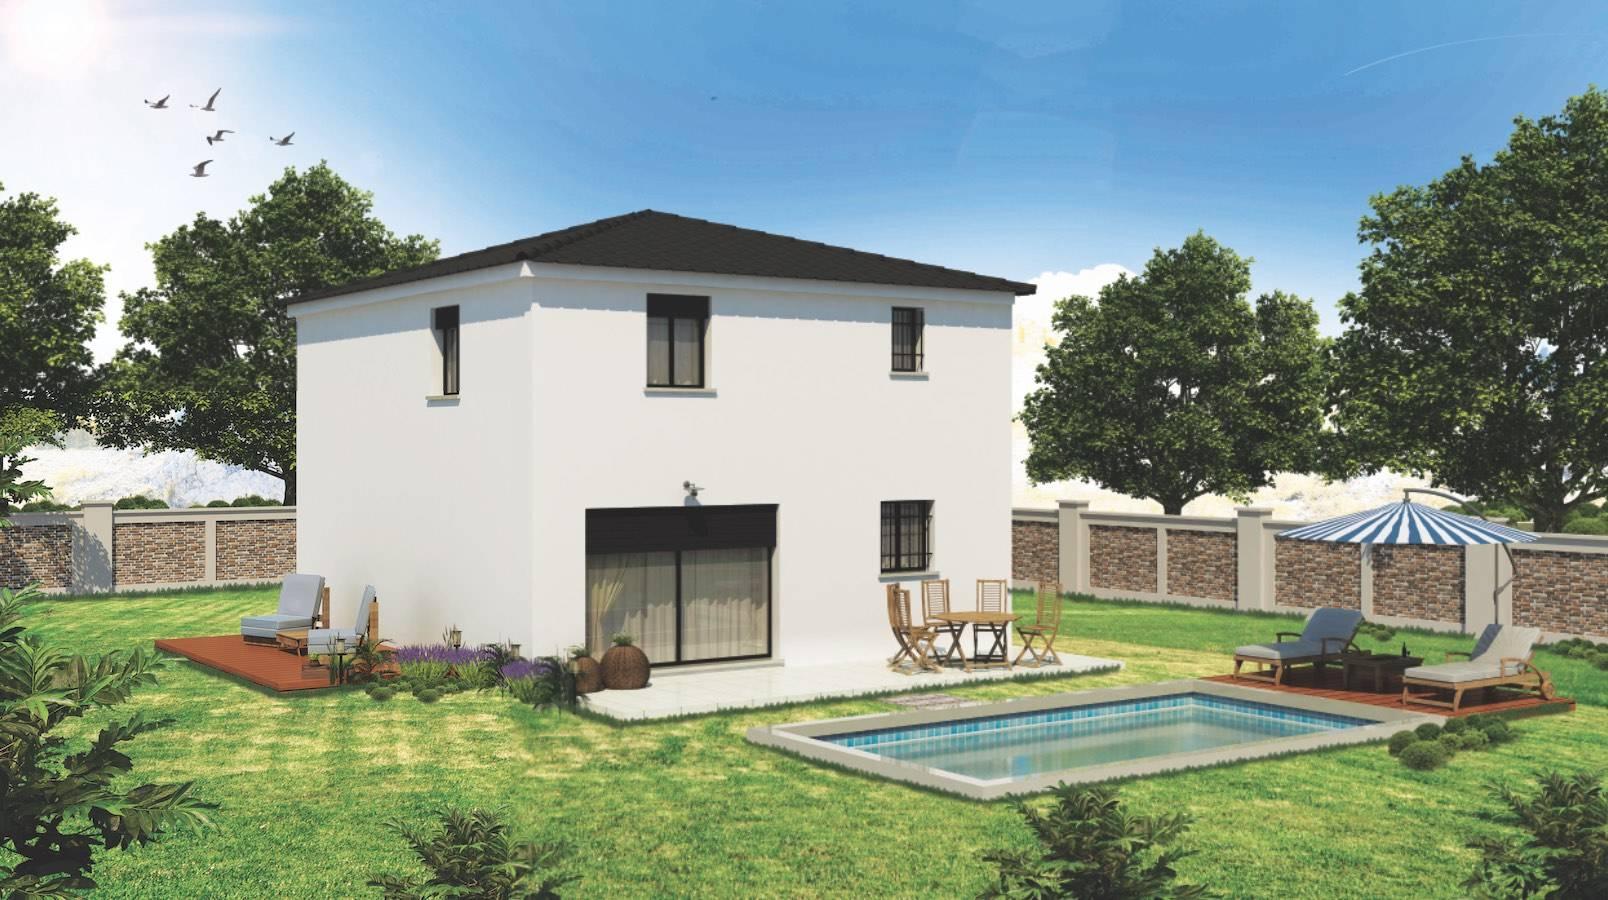 Constructeur De Maison Contemporaine Avec Toit Terrasse Et Debord De Toiture Salon De Provence 13300 Azur Logement Provencal